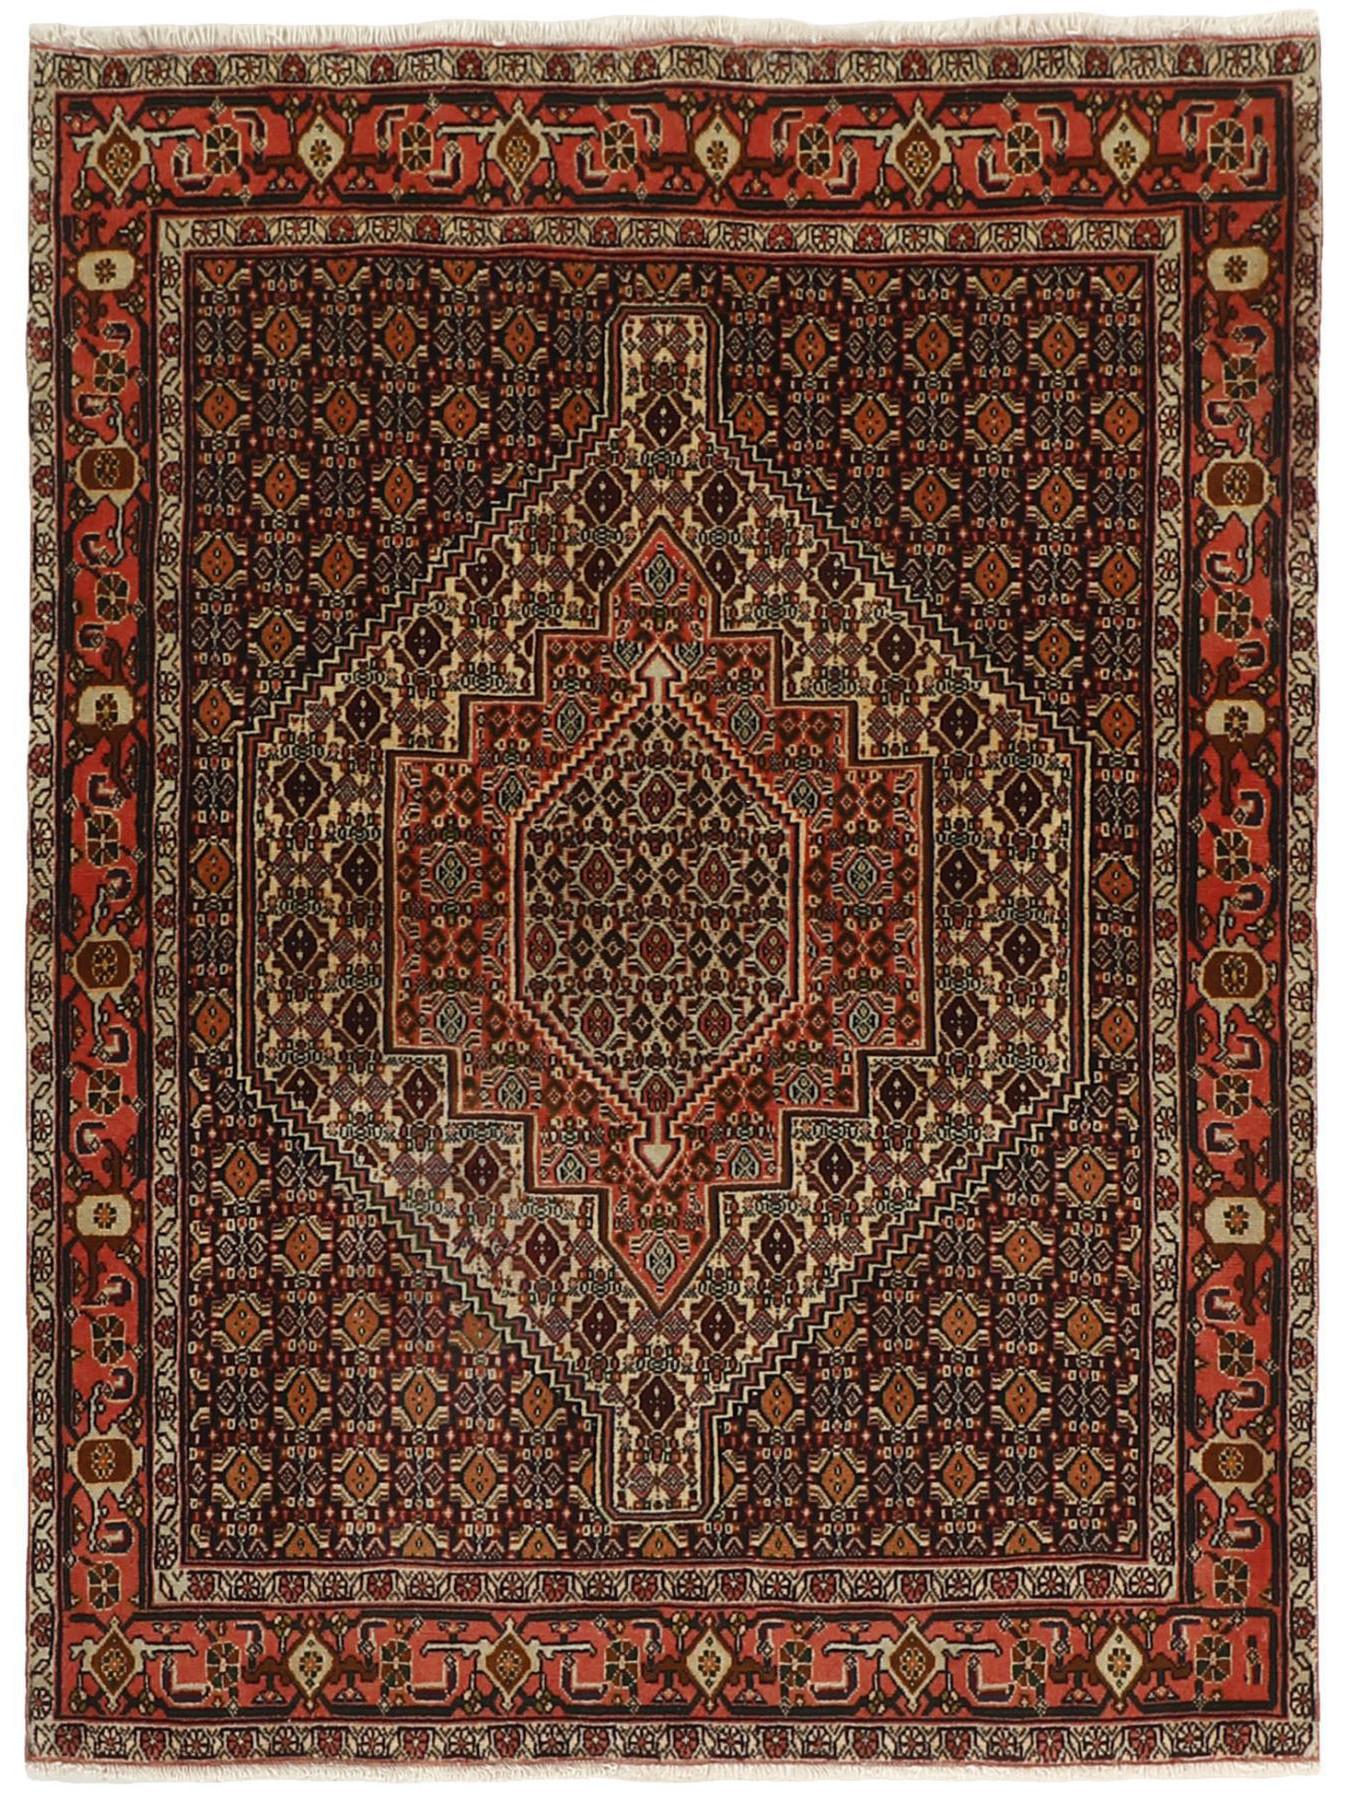 Persian carpets - Senneh